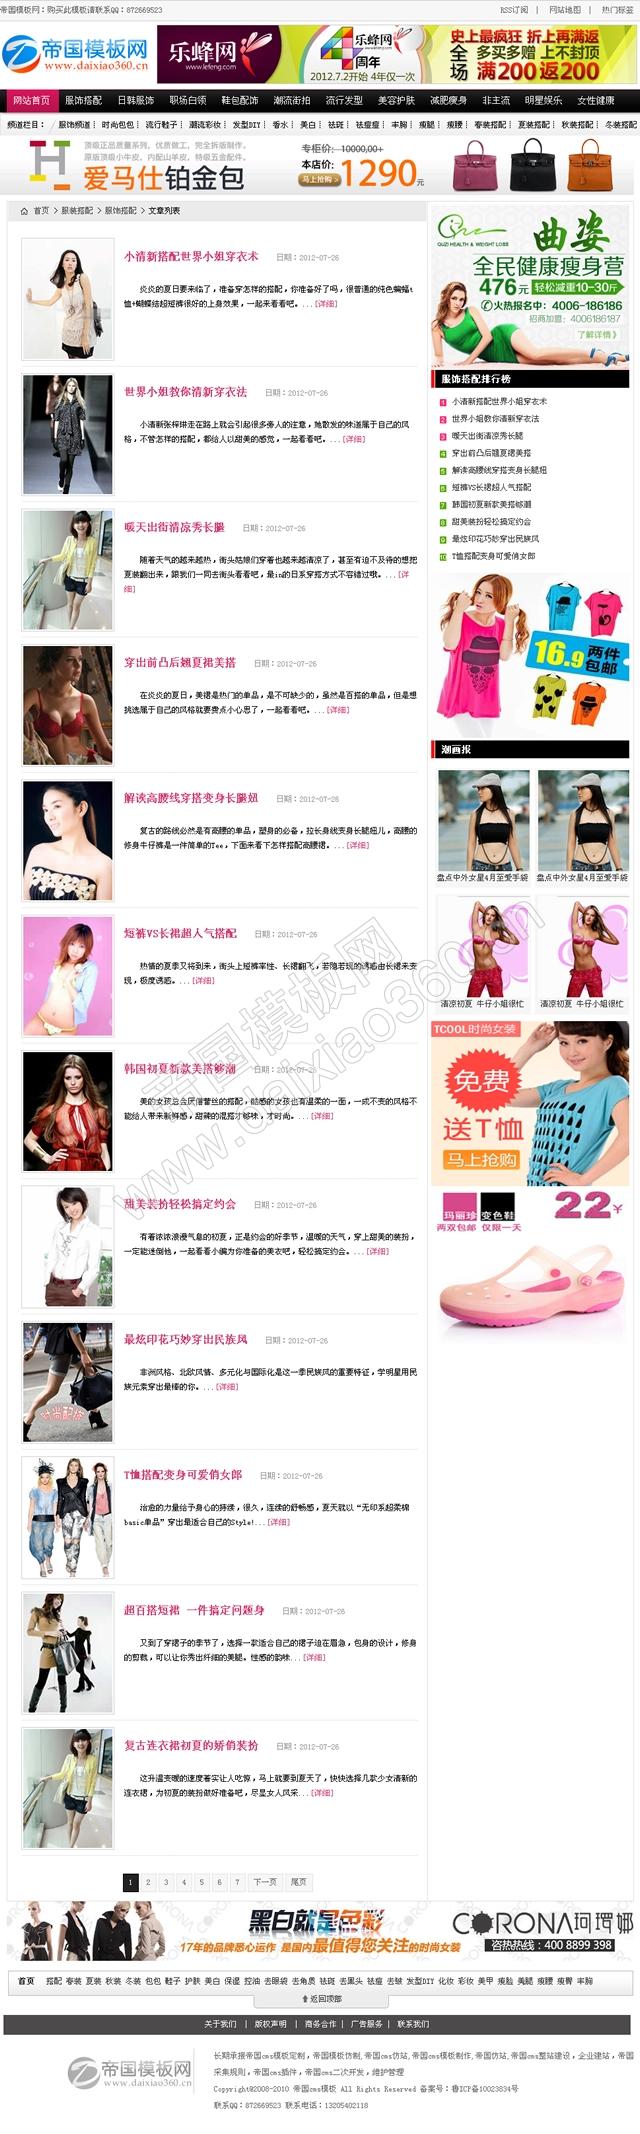 帝国cms女性女人服饰搭配网站模板_列表页